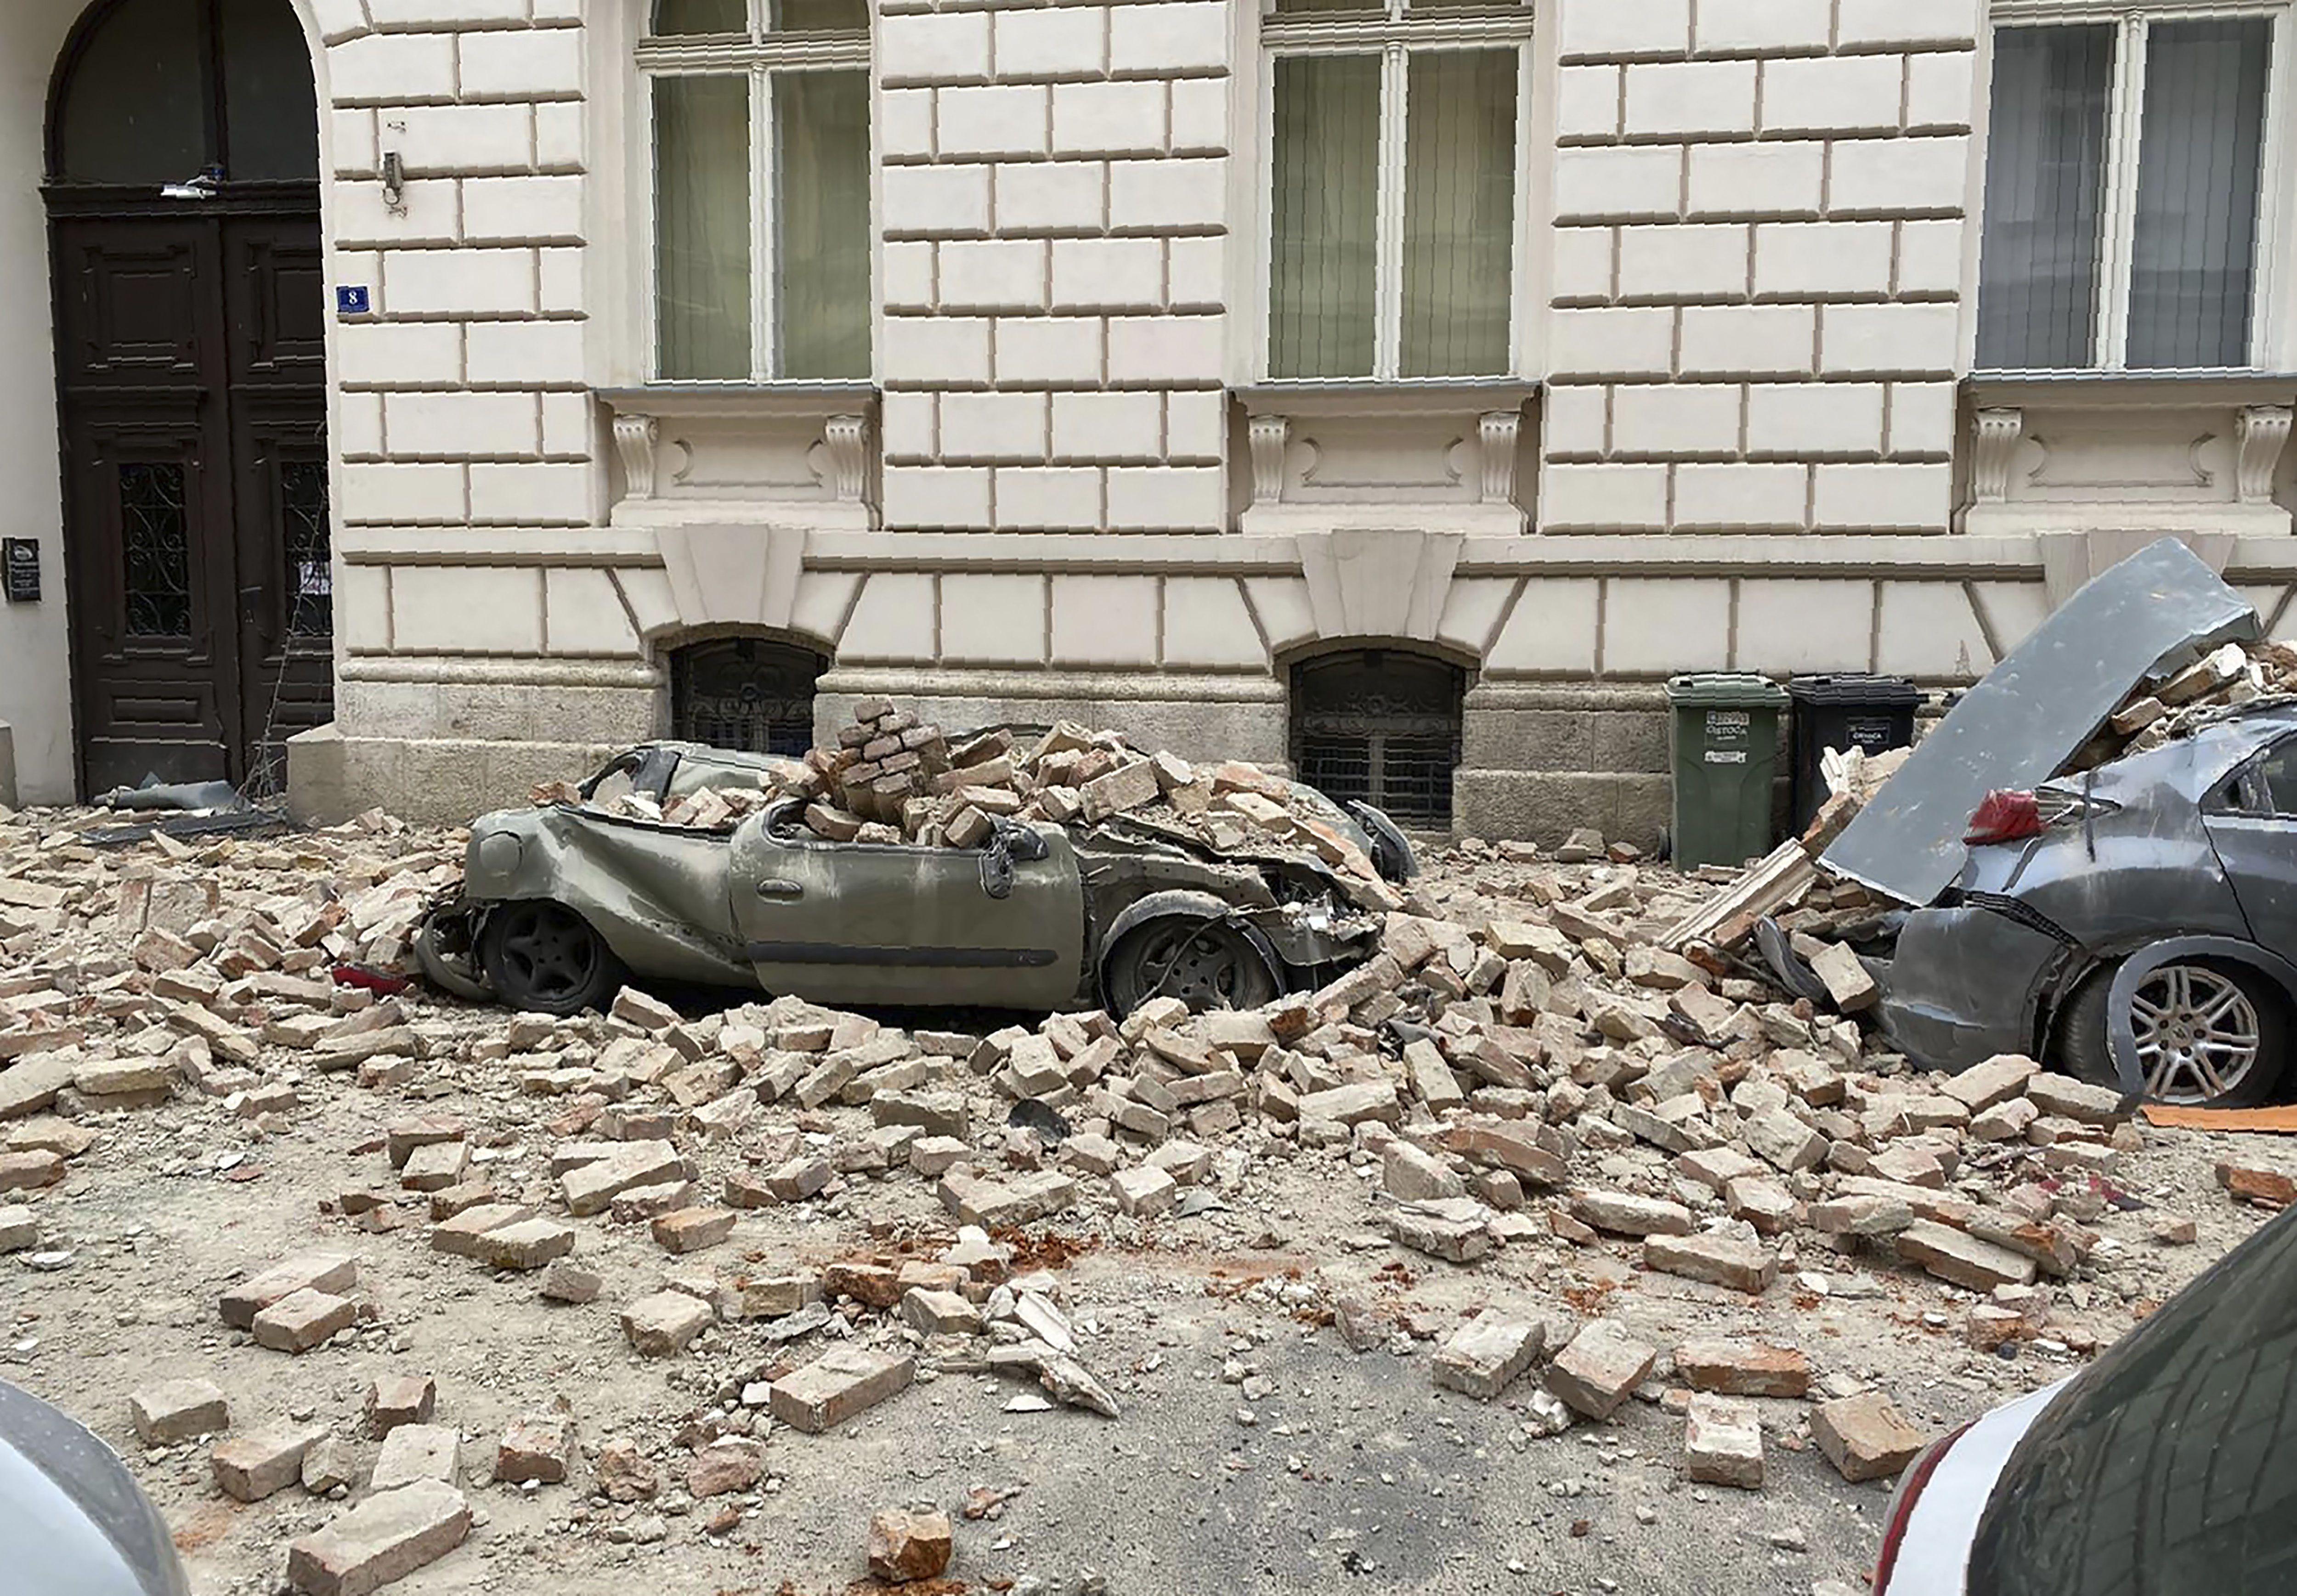 В Хорватии произошло мощное землетрясение: есть раненые